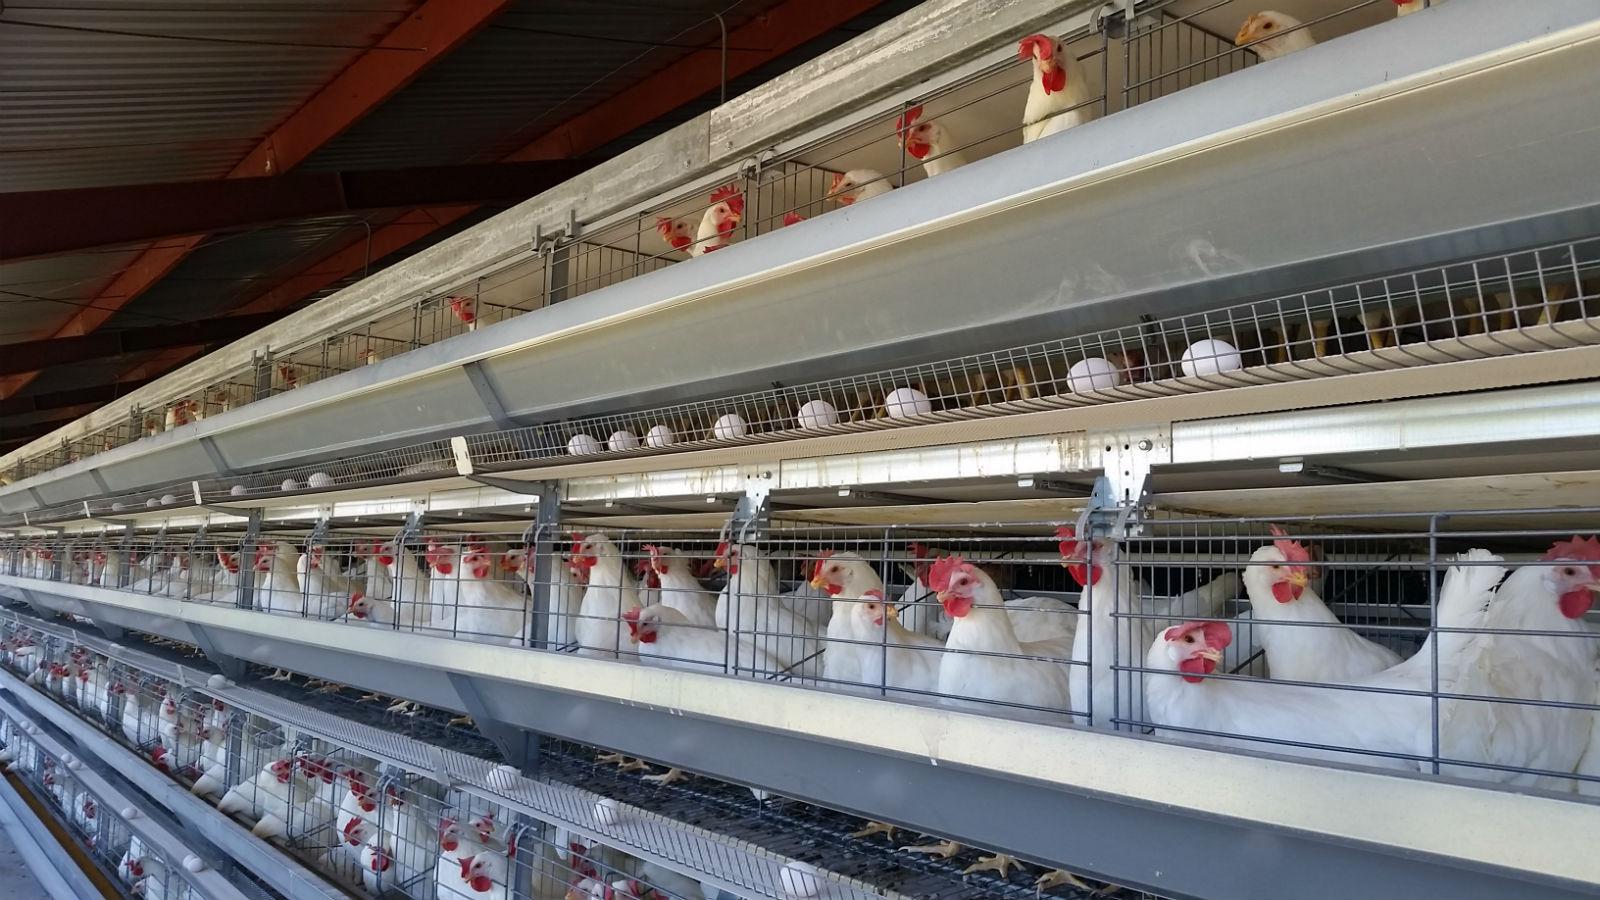 """</span>Equipo avícola<span style=""""color: #ffcc00;""""> confiable, duradero y exhaustivamente testado"""